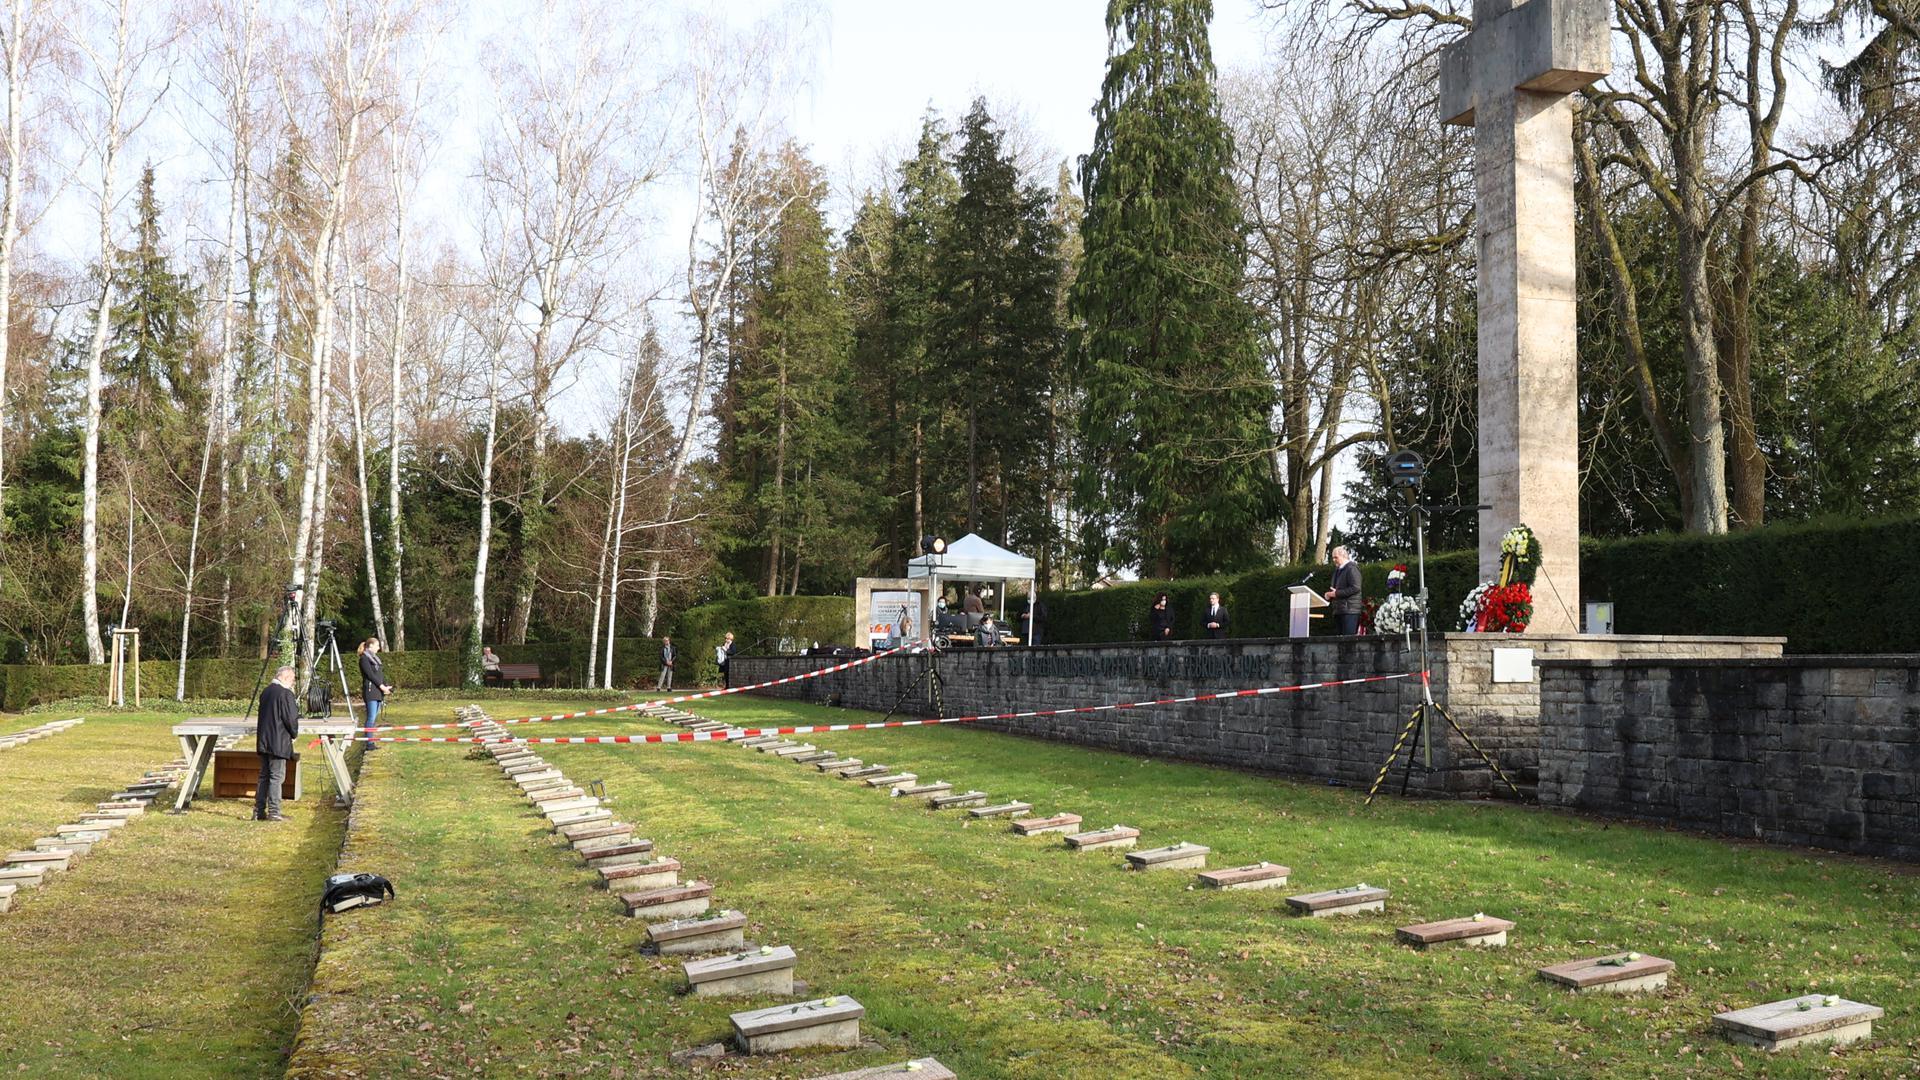 Unter Ausschluss der Öffentlichkeit: Die Gedenkfeier auf dem Pforzheimer Hauptfriedhof war für die Öffentlichkeit nicht zugänglich. Für die Übertragung per Livestream wurde zudem der zentrale Bereich mit Absperrband versehen.